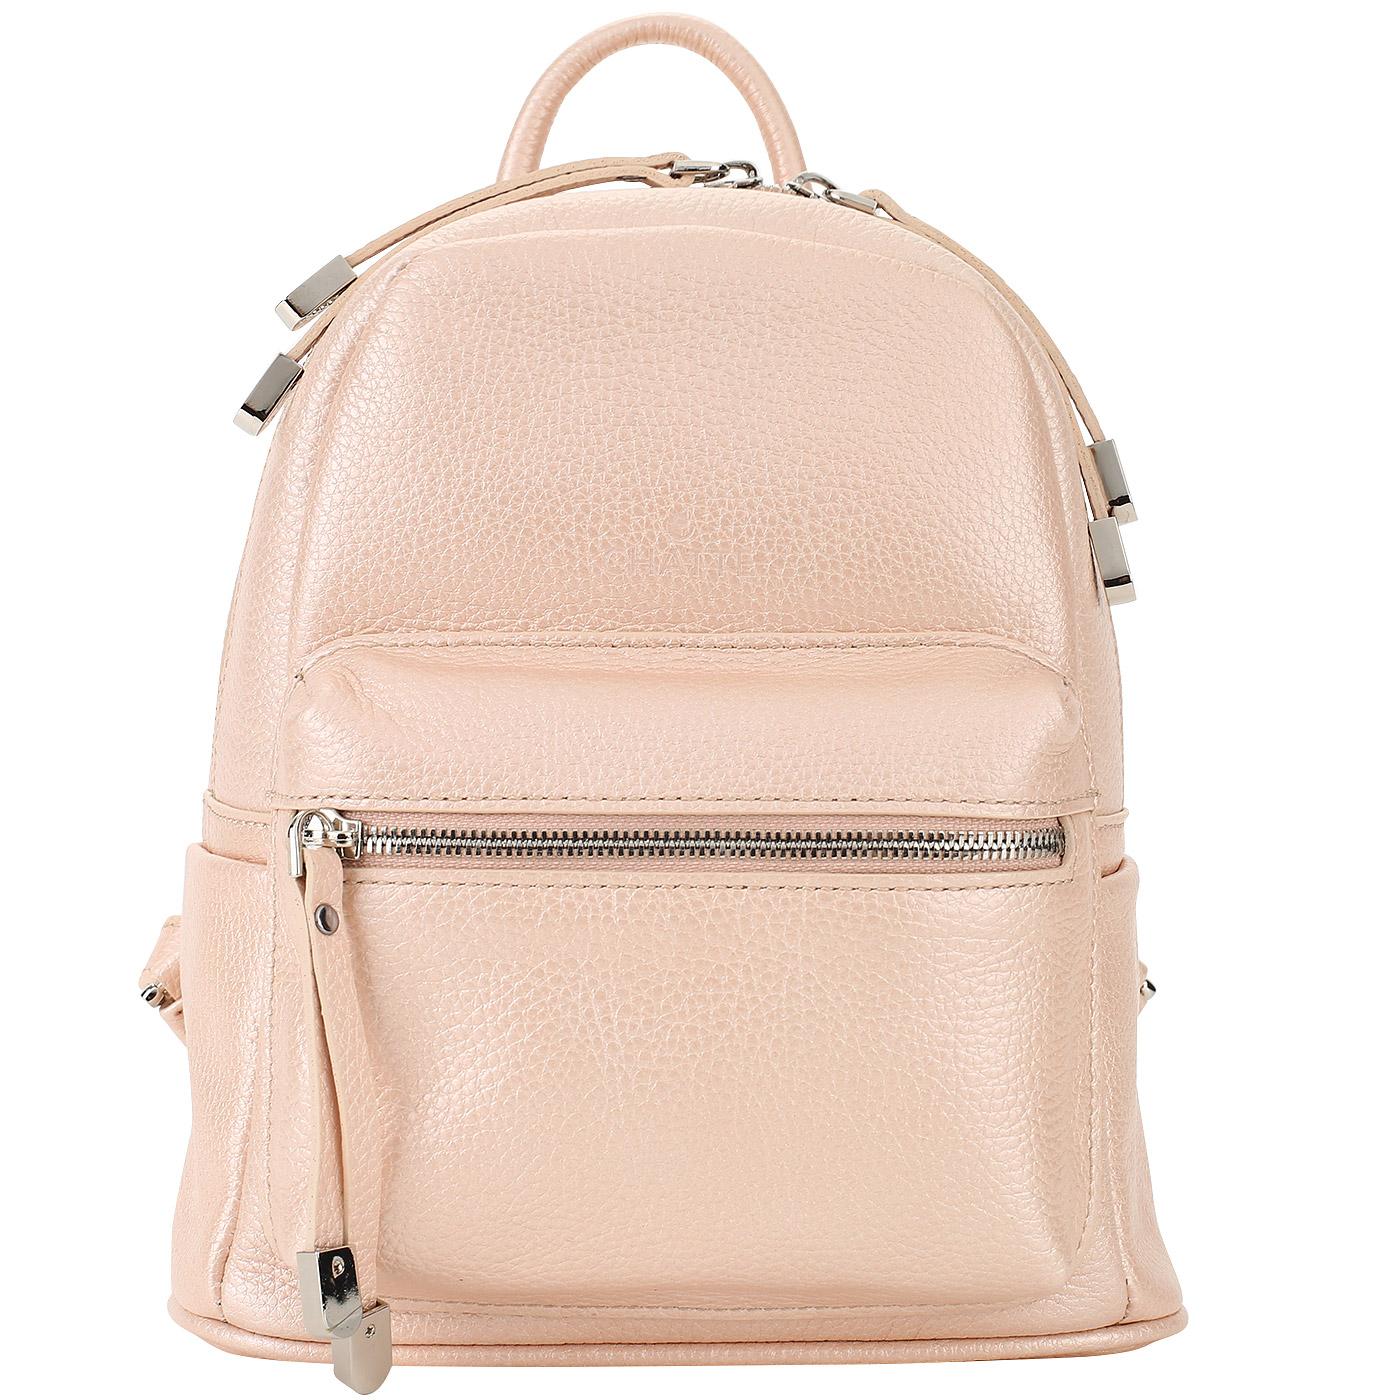 080ec17cabb1 Женский рюкзак из металлизированной кожи Chatte Женский рюкзак из  металлизированной кожи Chatte ...